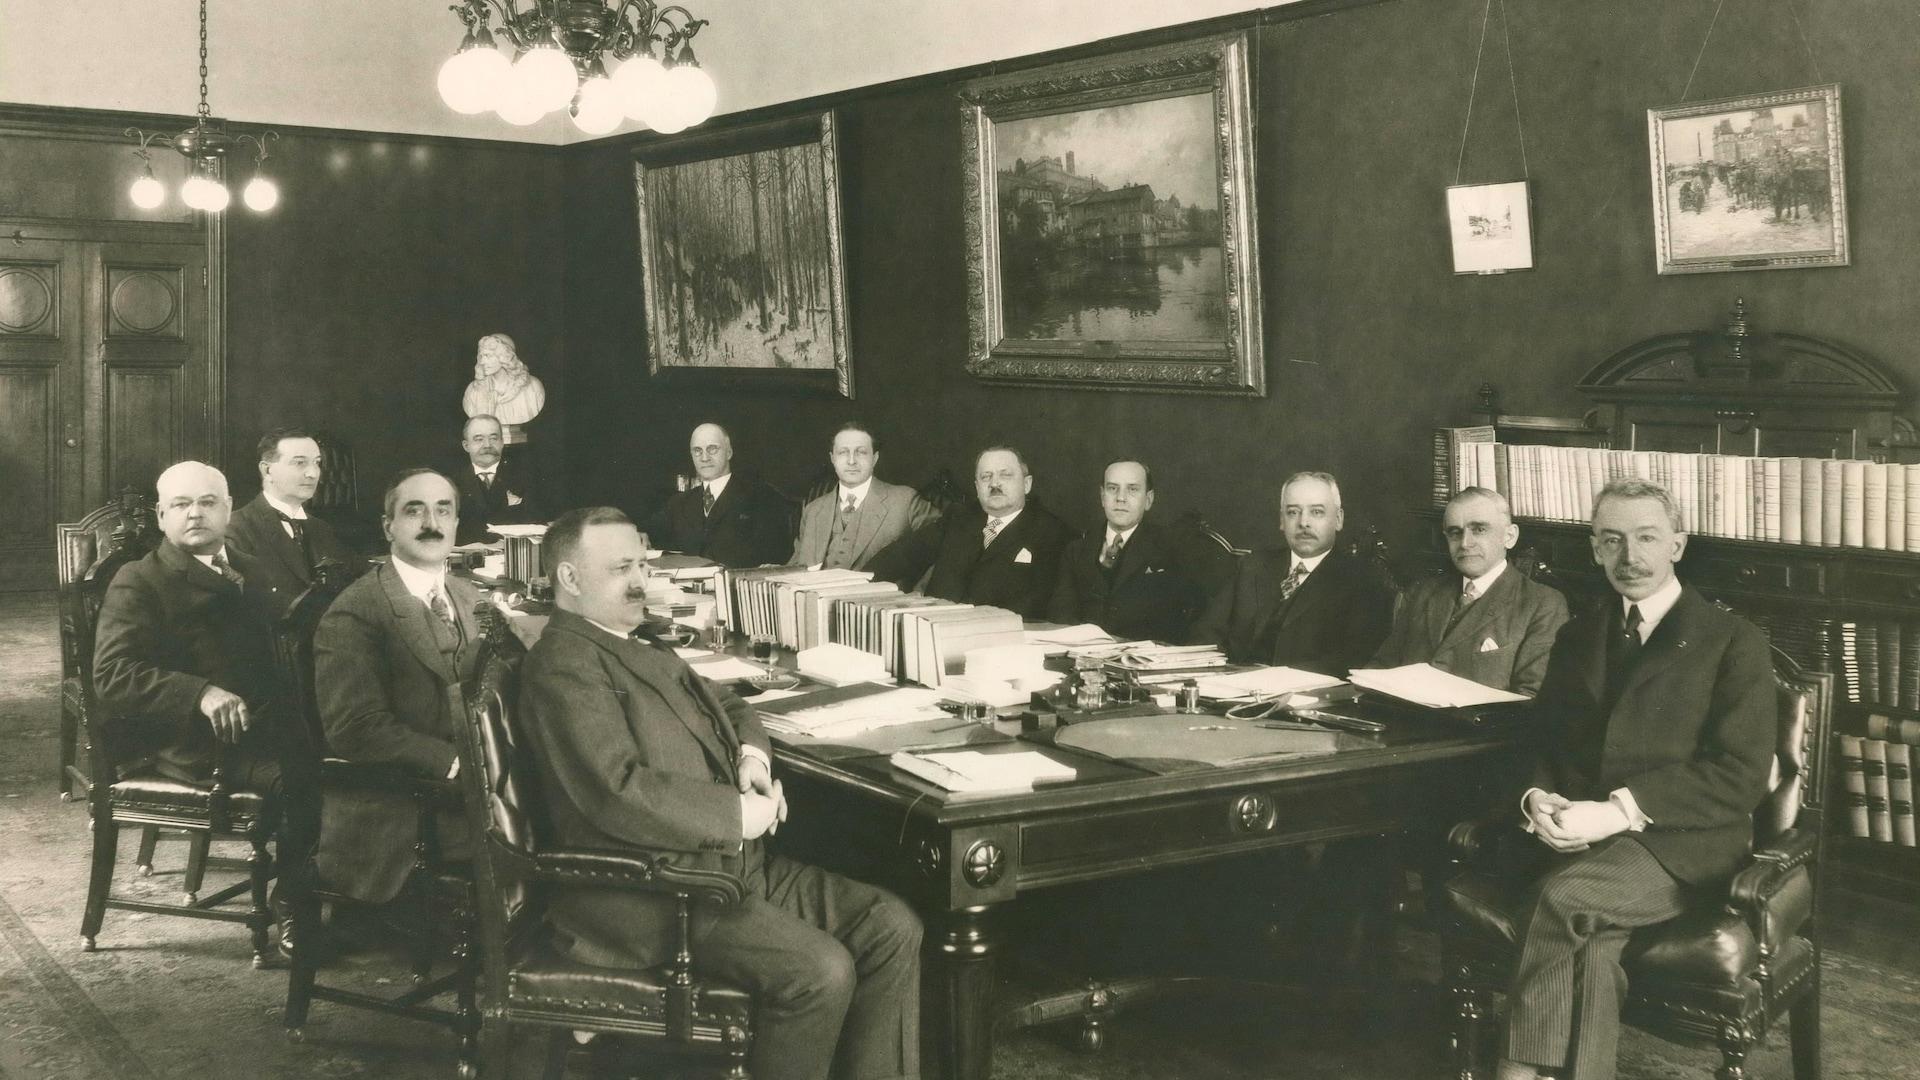 Le premier ministre libéral Louis-Alexandre Taschereau avec son cabinet au tournant des années 1929-1930. Les hommes sont sérieux et regardent tous le photographe sans sourire, à l'exception d'un imposant monsieur moustachu, qui fait face au premier ministre.